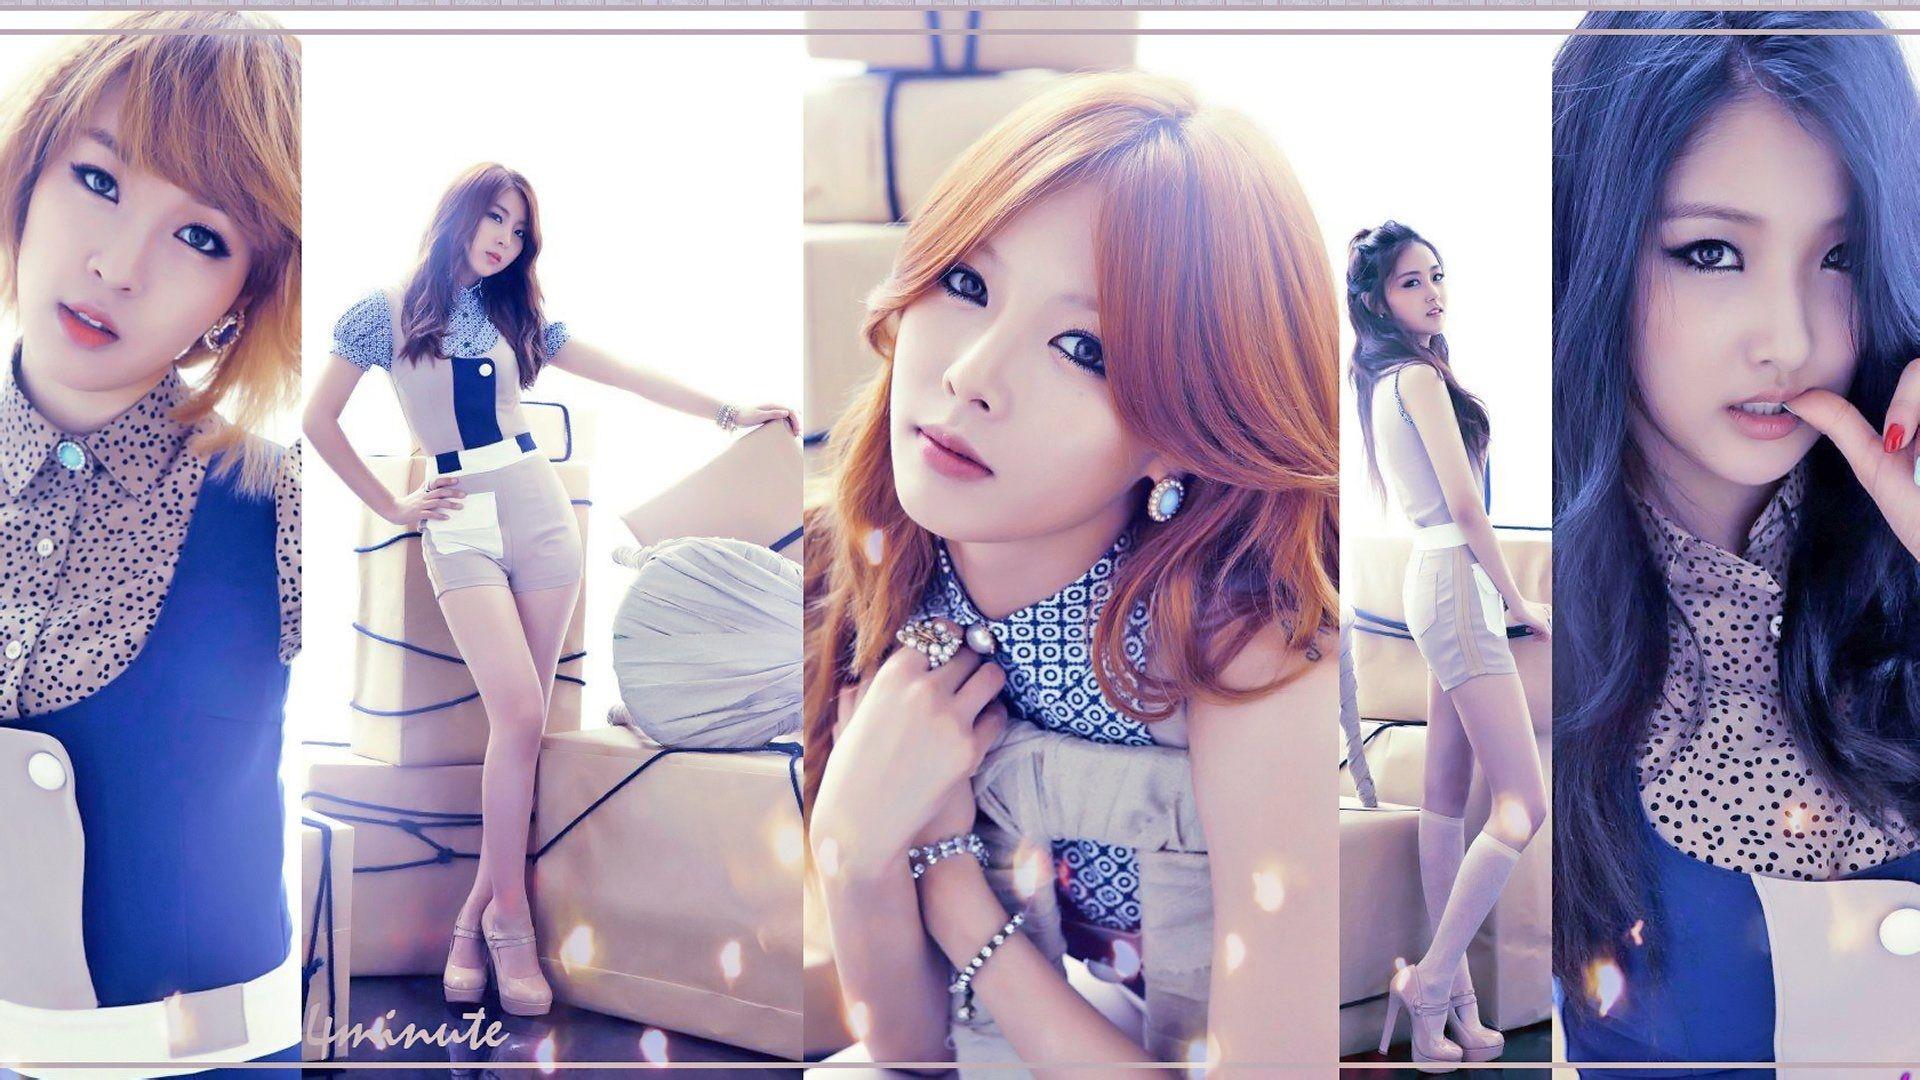 这位韩国美女是谁啊?